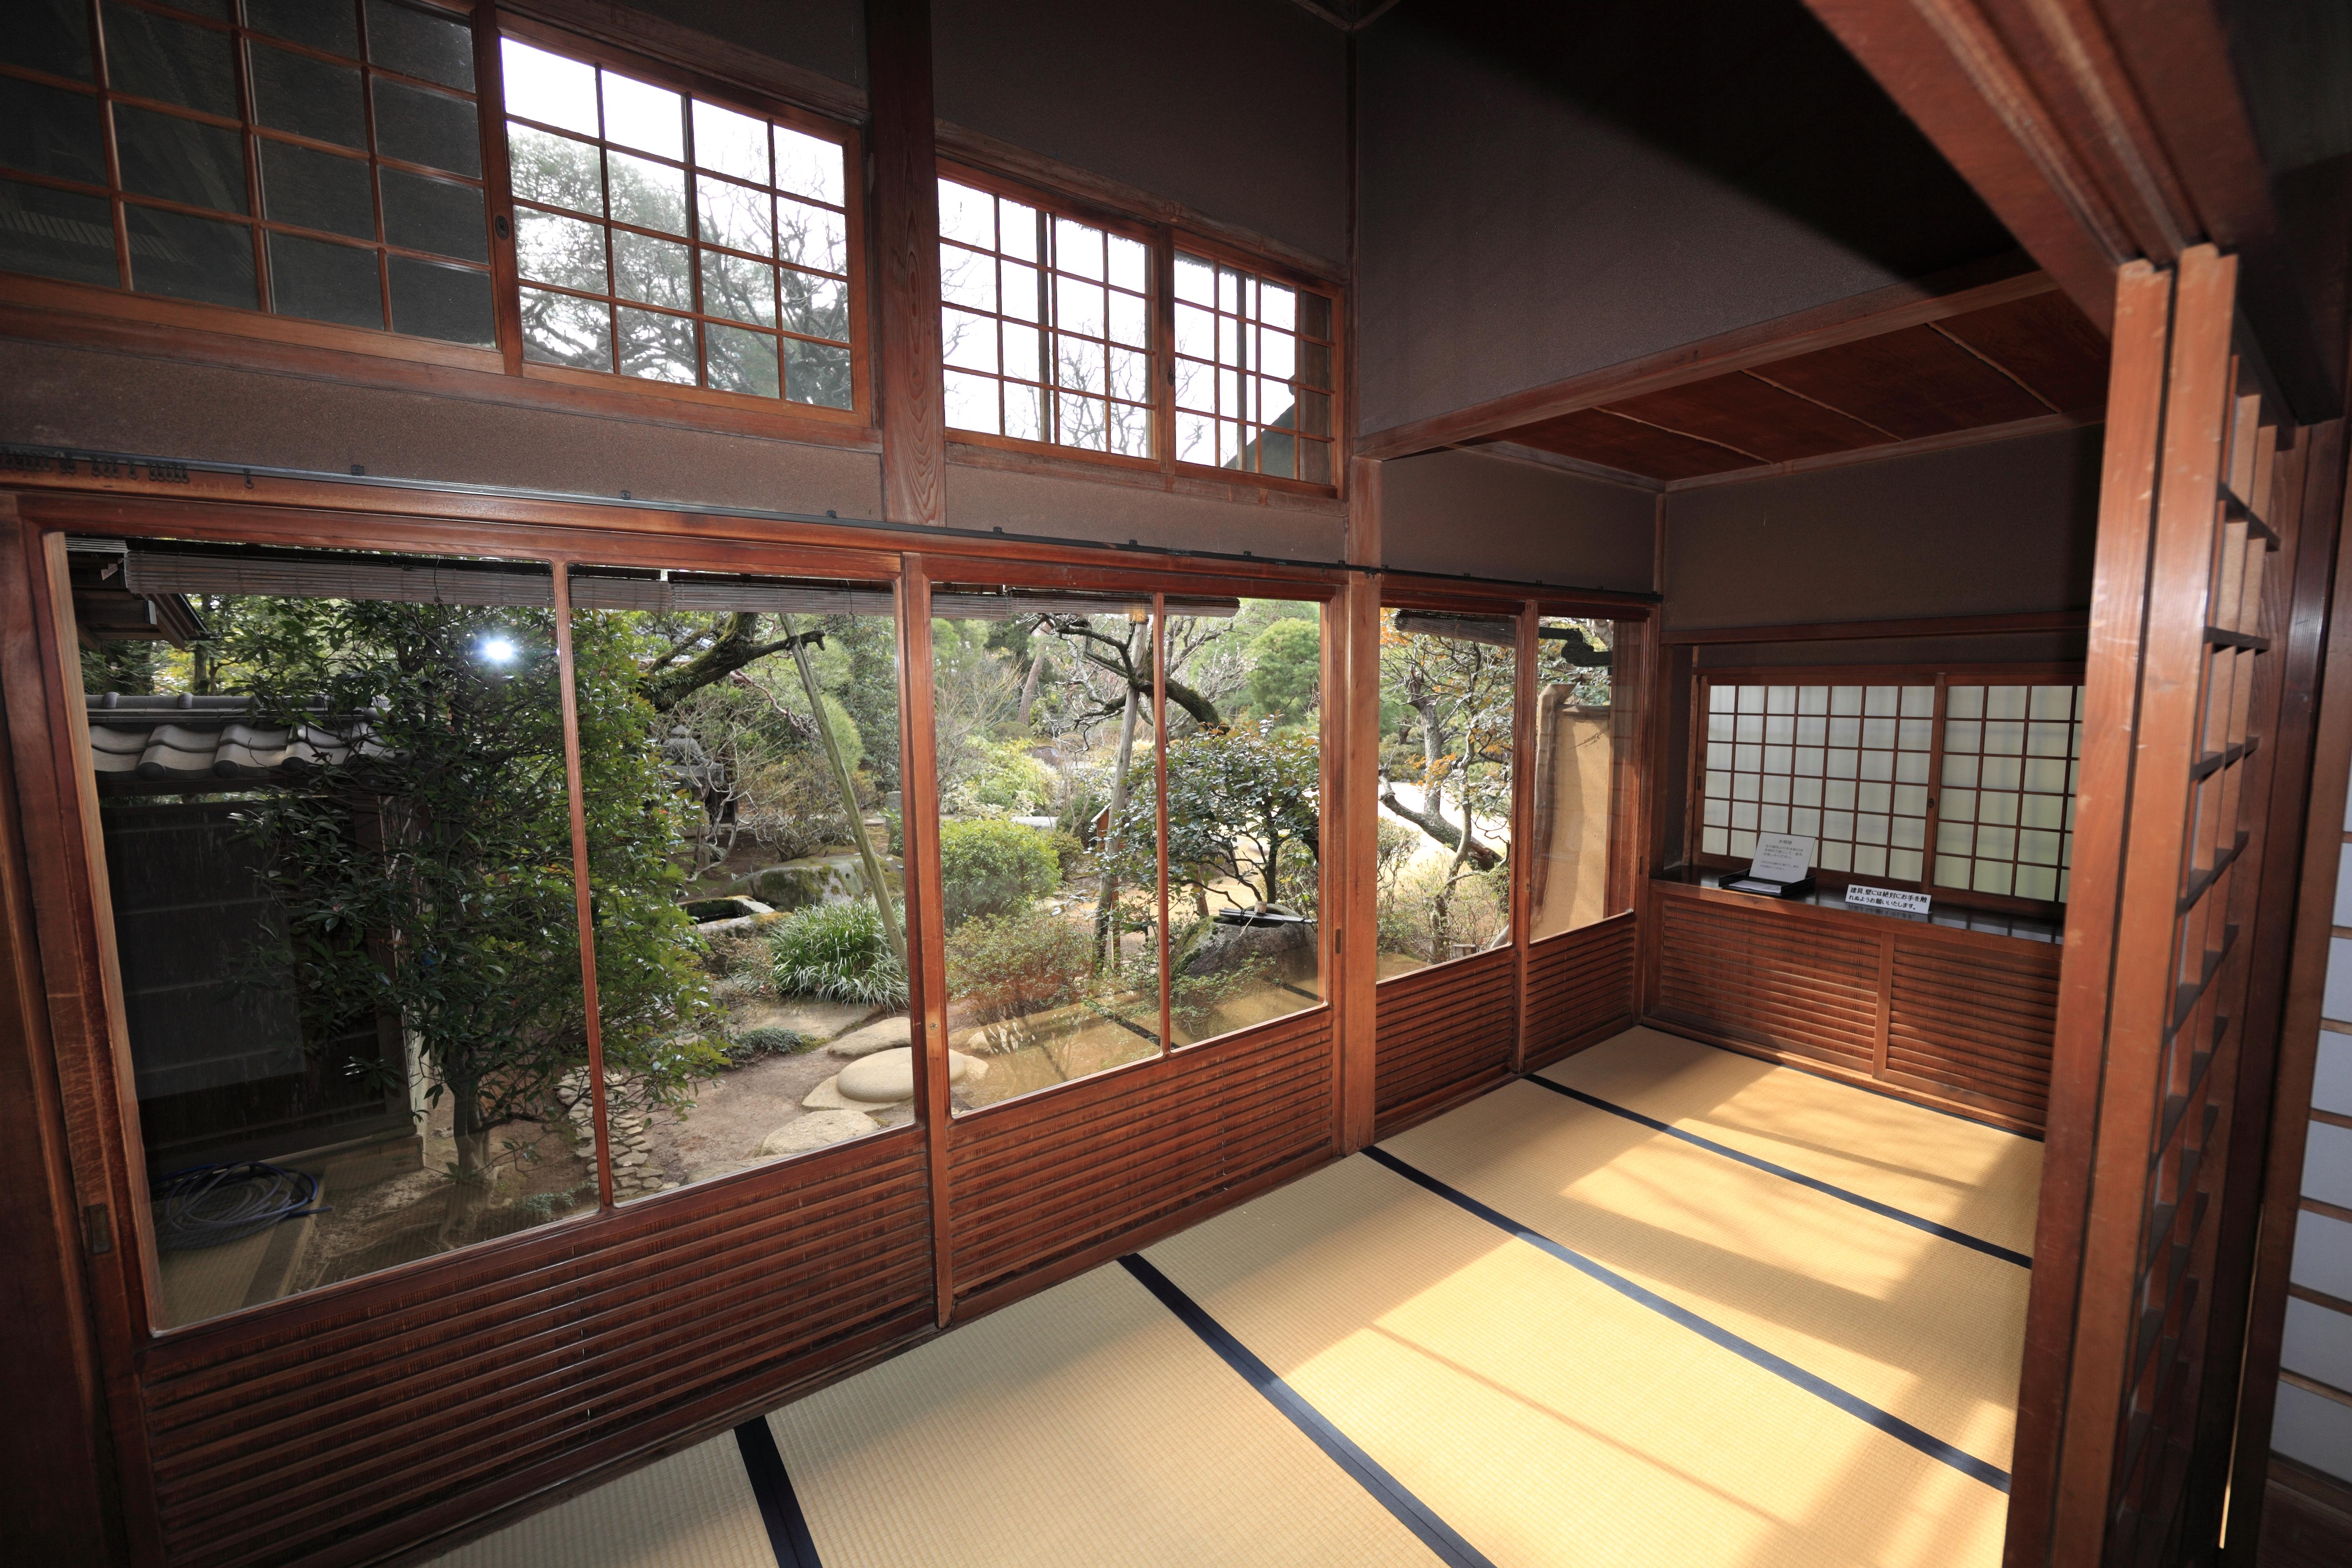 Gambar Arsitektur Kayu Rumah Pedalaman Jendela Tinggi Museum